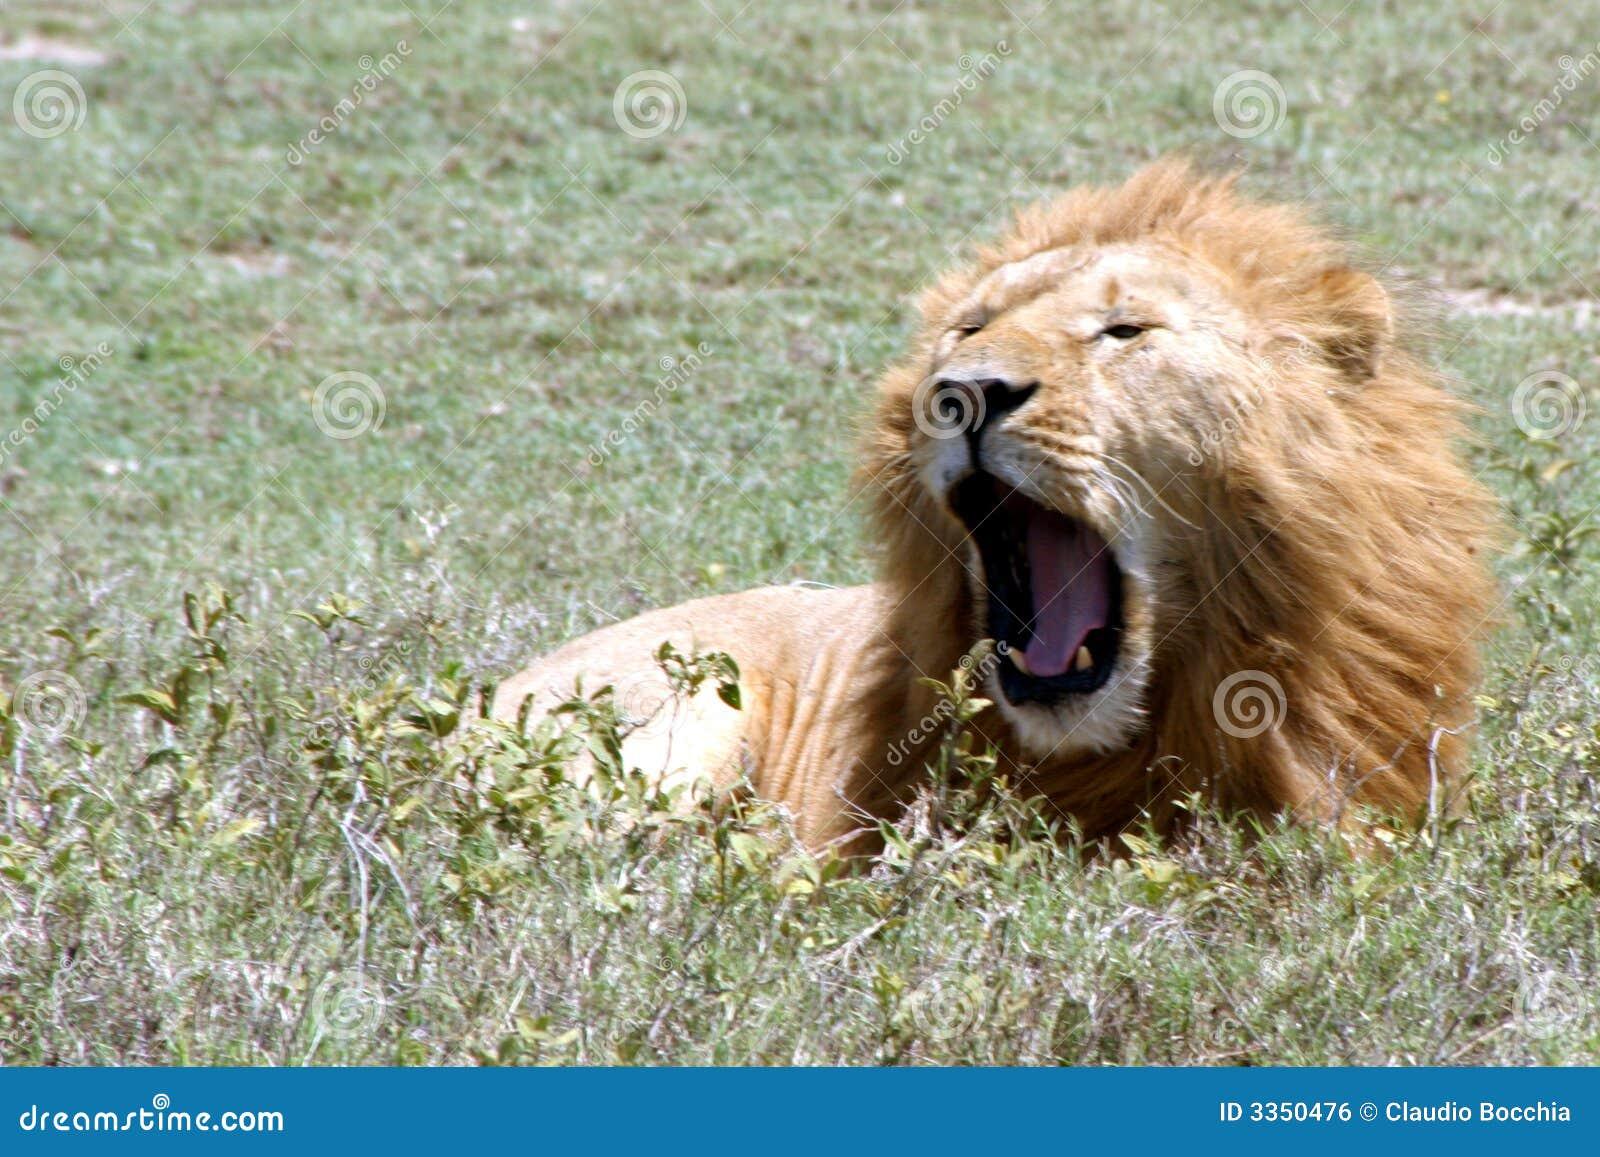 Fauna en Tanzania